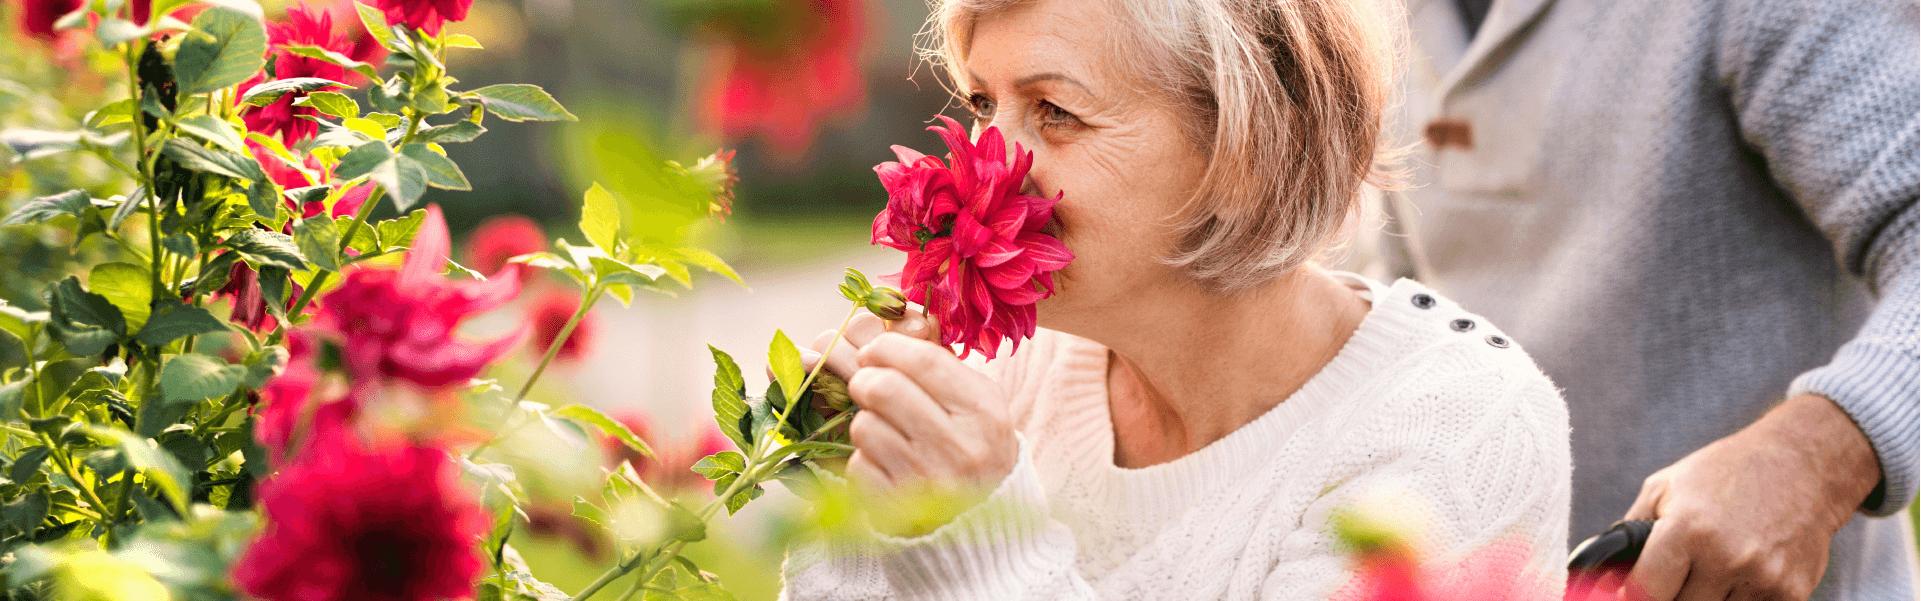 نکاتی در خصوص عملکرد حس بویایی و عطرها از زبان کارشناسان خبره عطر